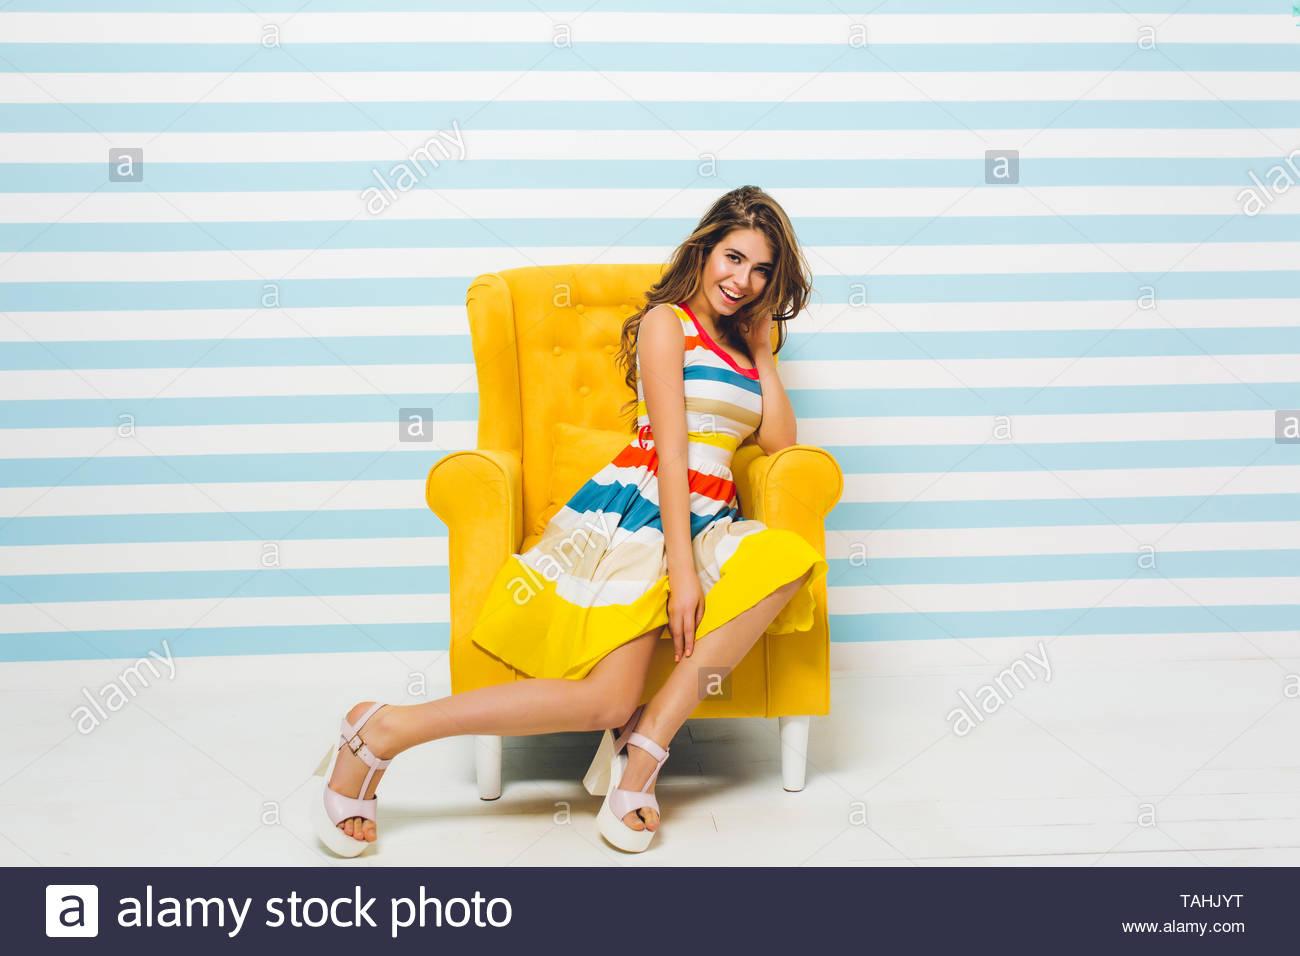 780b6692d Niña morena sonriente en un brillante vestido de verano posando en el  interior, sentado en